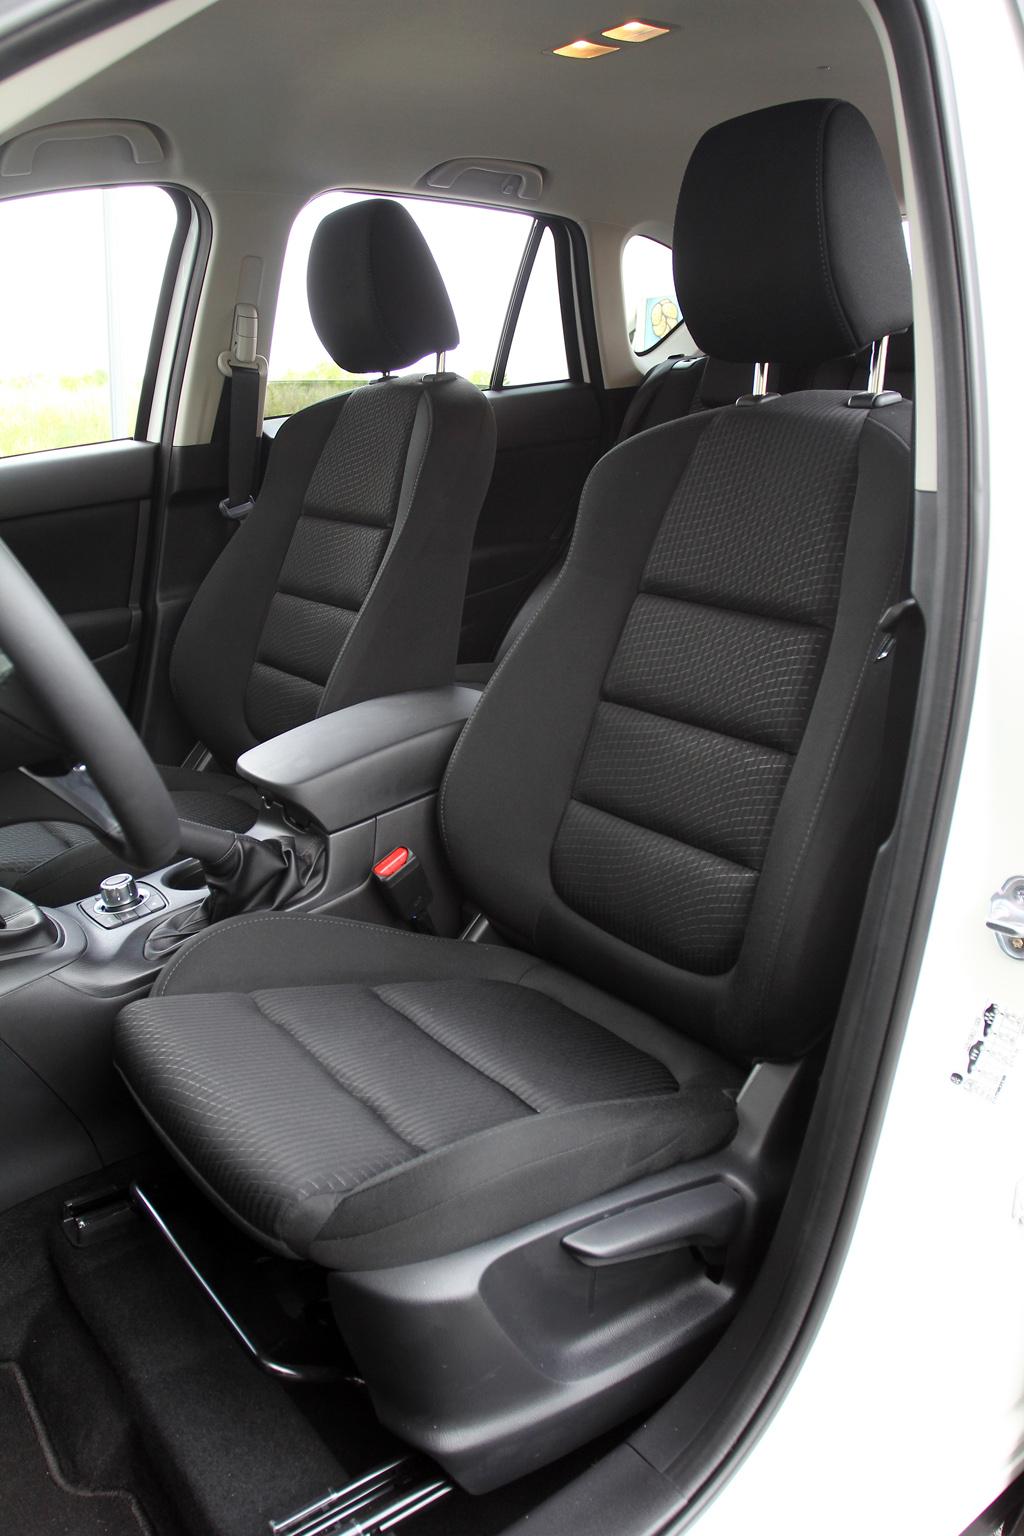 Automobily Mazda CX-5 2.2 SkyActiv-D AWD Attractive